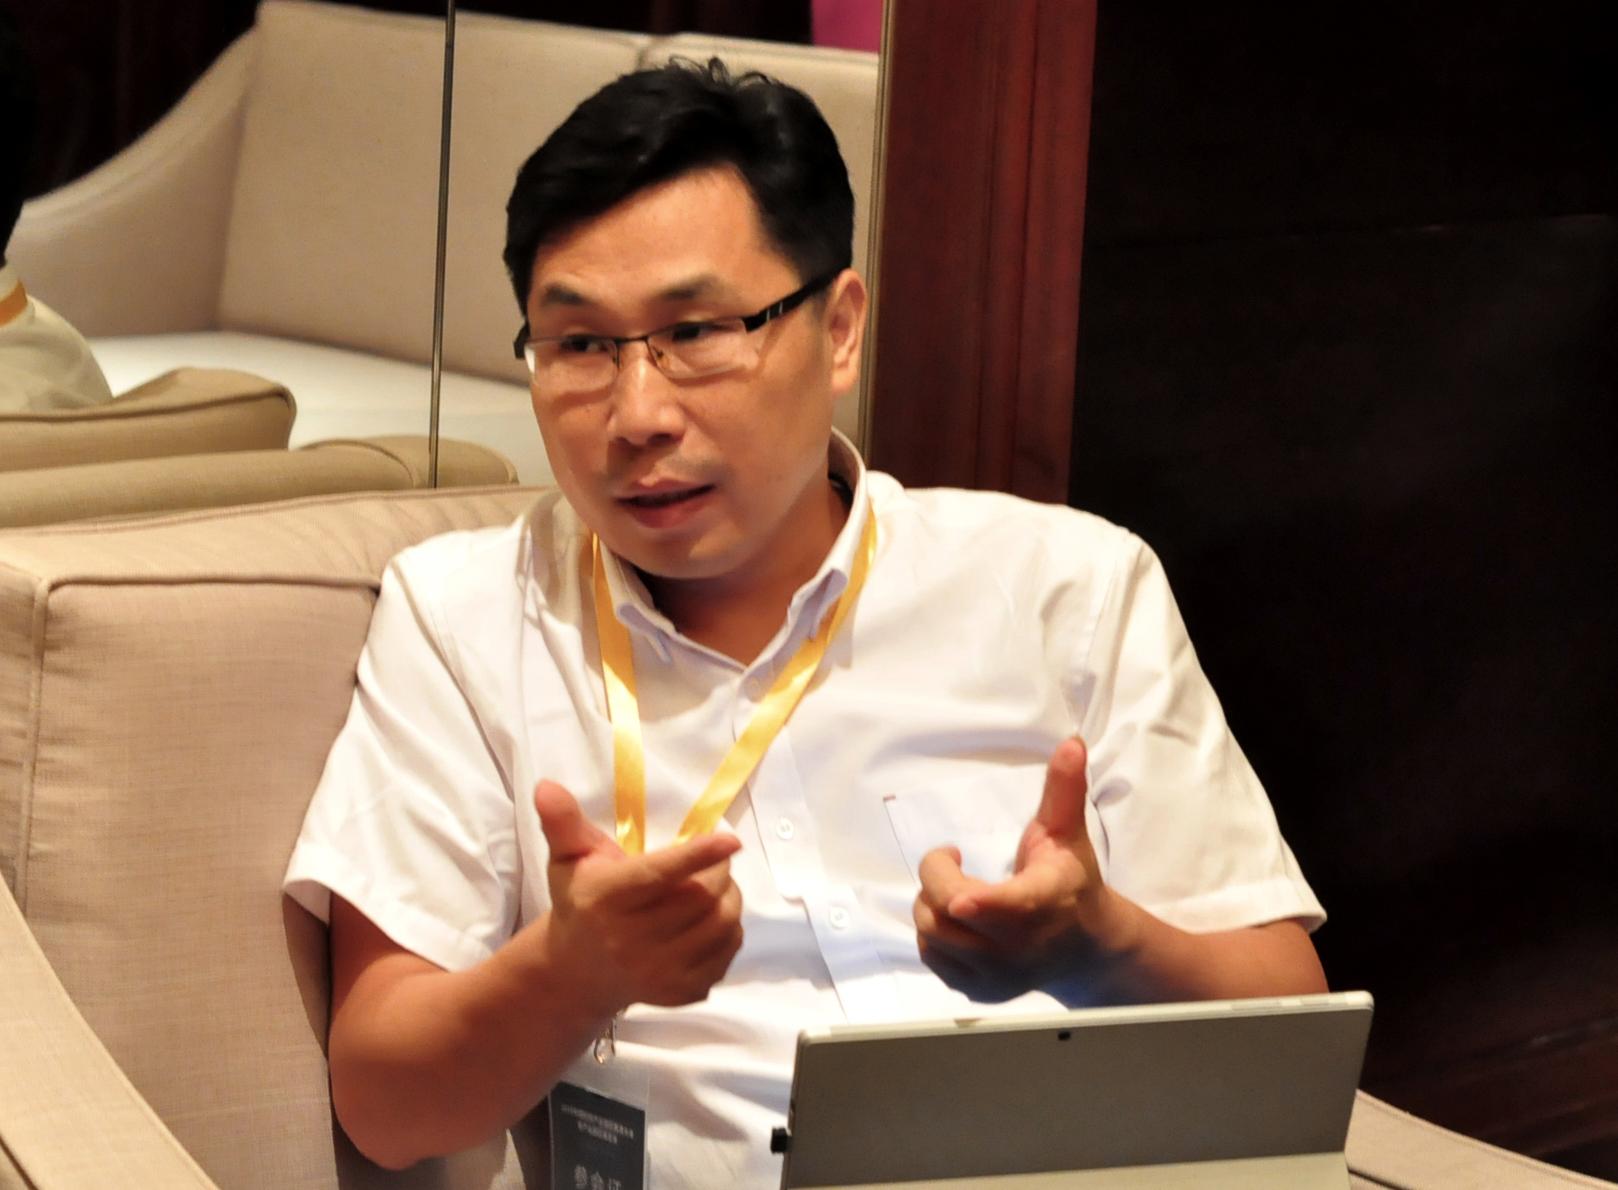 华南理工大学教授王振民:水下机器人焊接与增材制造应用空间巨大